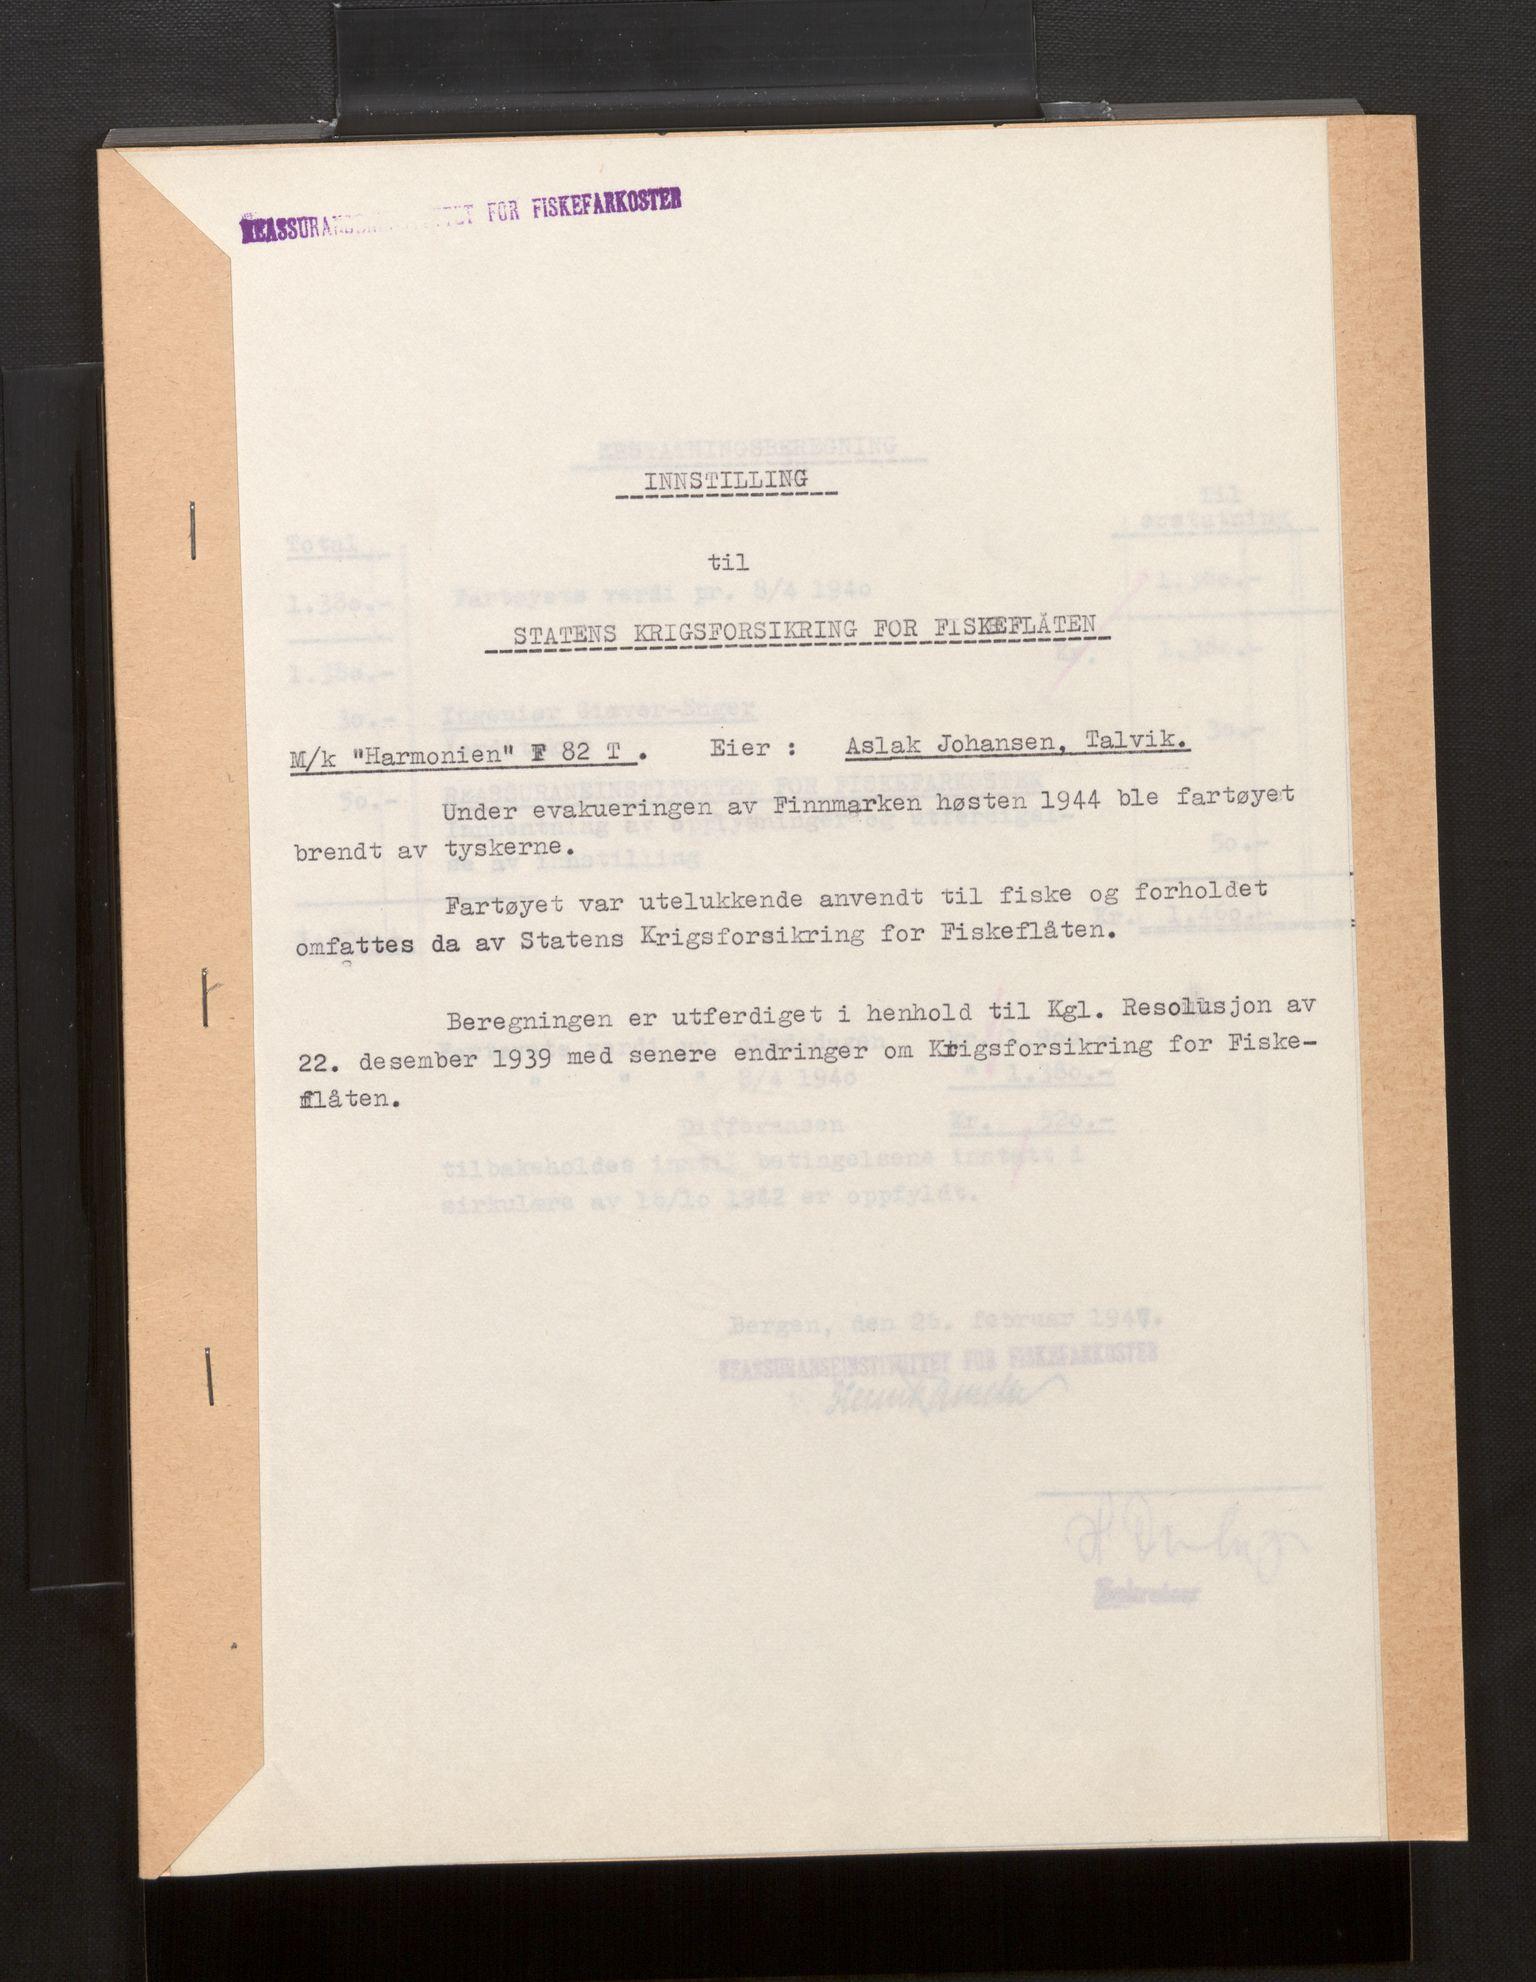 SAB, Fiskeridirektoratet - 1 Adm. ledelse - 13 Båtkontoret, La/L0042: Statens krigsforsikring for fiskeflåten, 1936-1971, p. 273